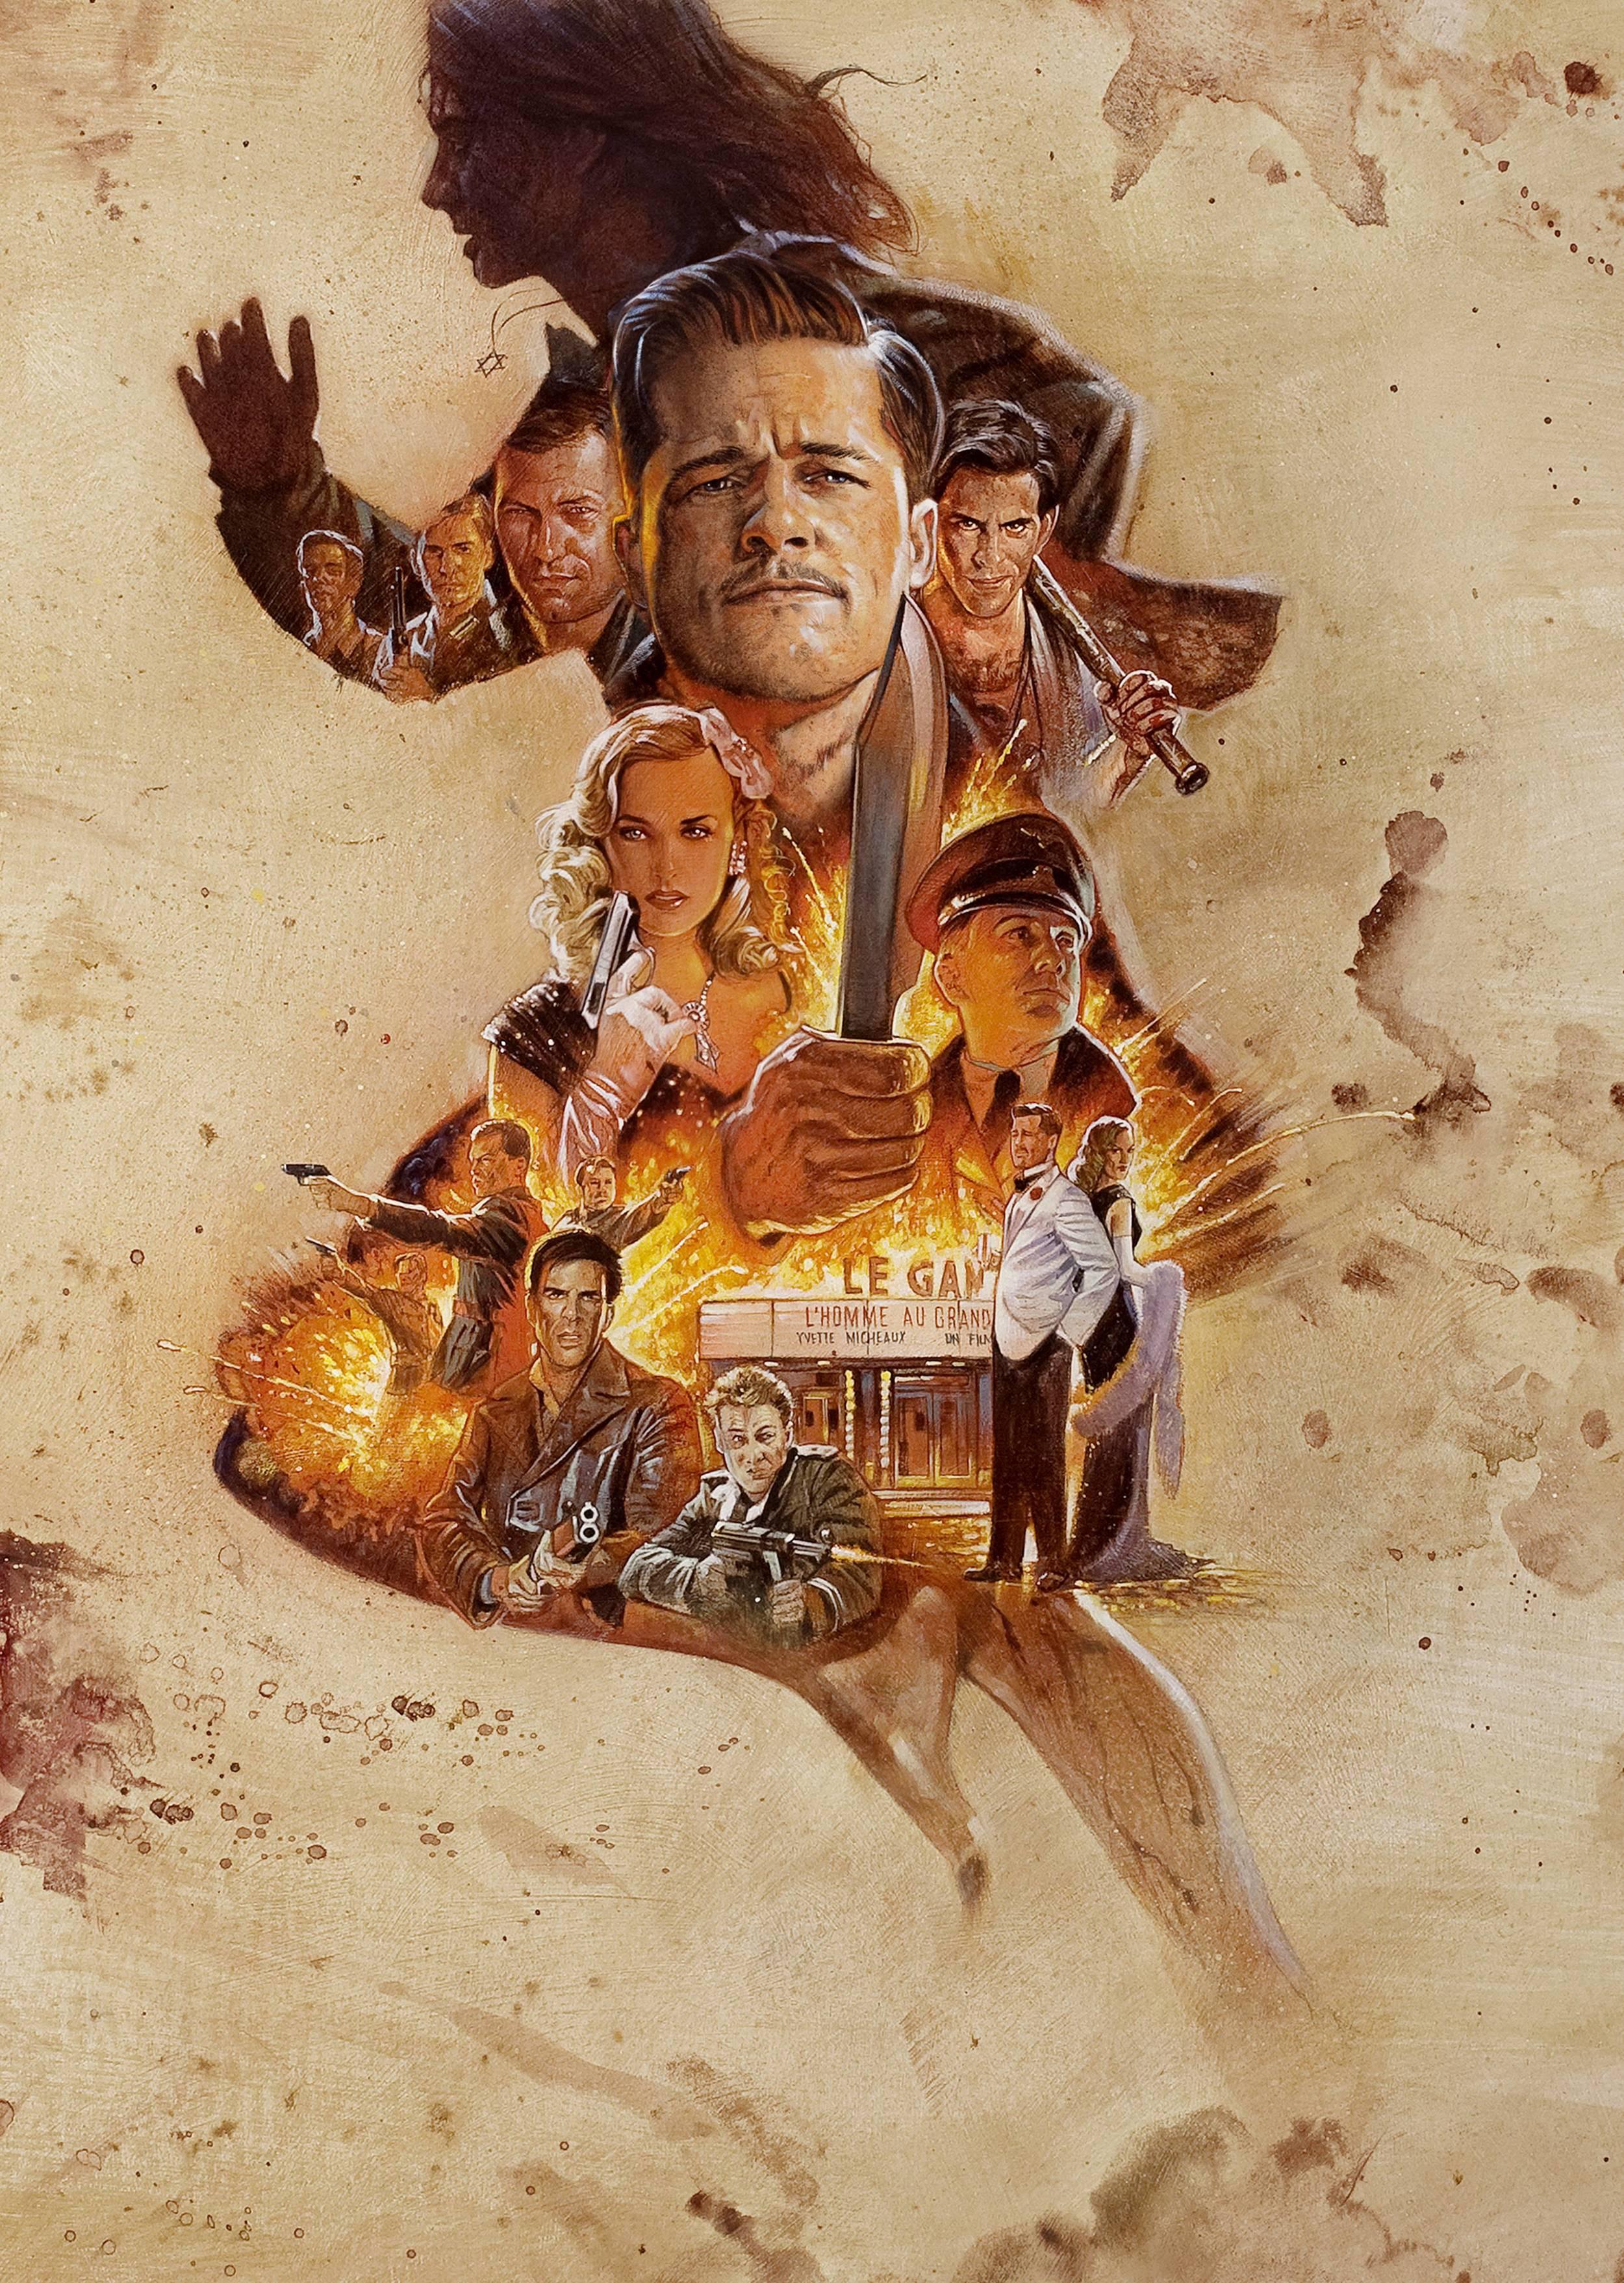 Bastardos Sin Gloria (2009) - Quentin Tarantino